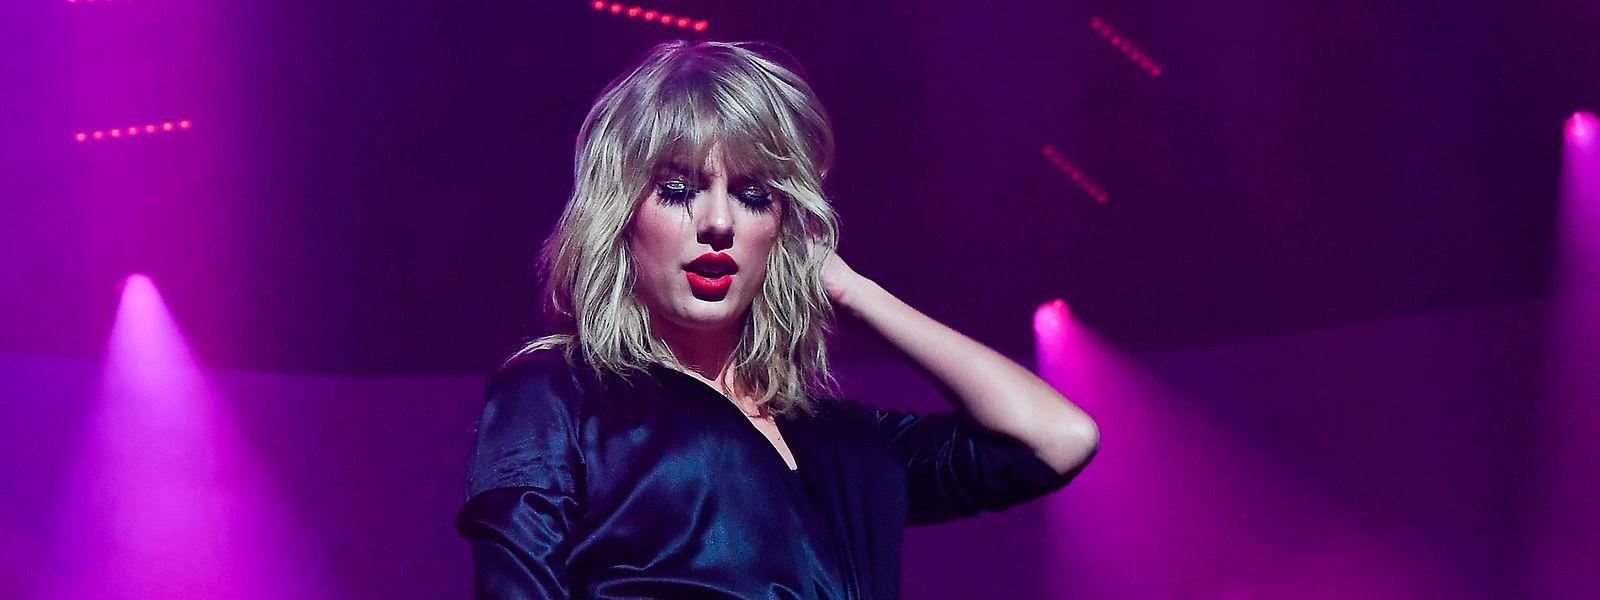 Les revenus de Taylor Swift sont estimés à 164 millions d'euros pour l'année 2019.